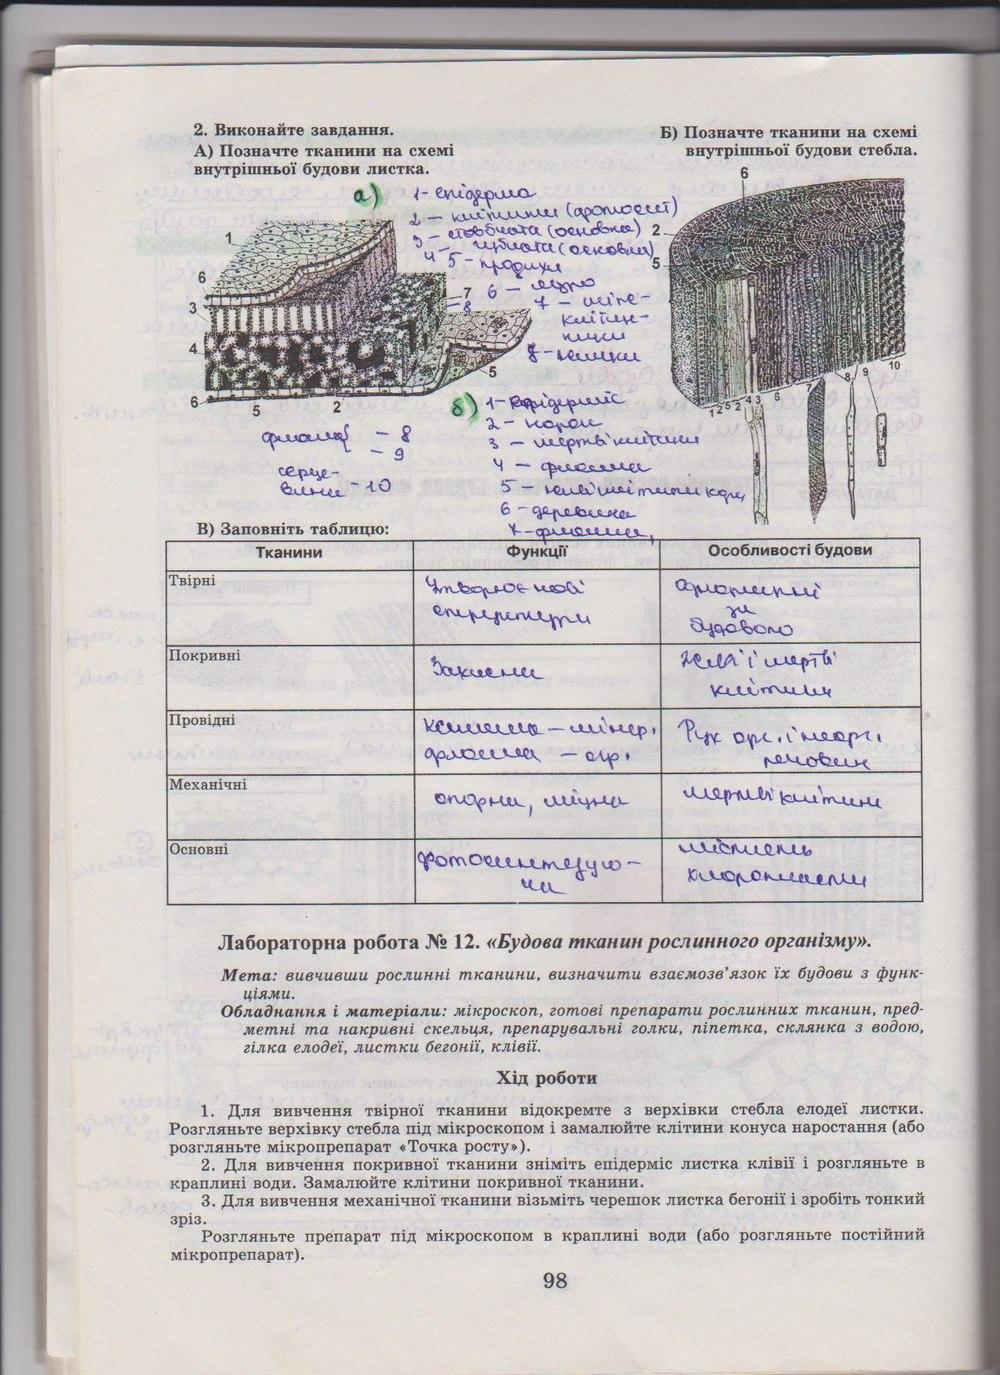 гдз биология 6 класс яременко гусева рабочая тетрадь